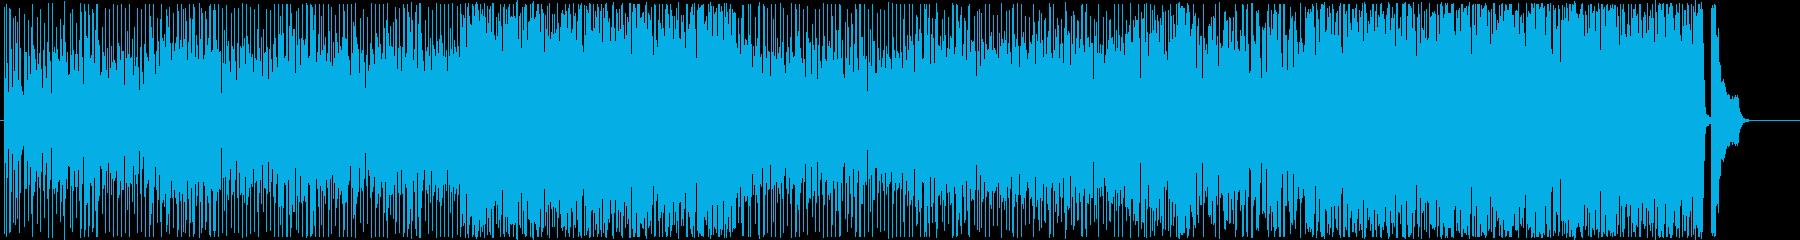 楽しいブラスジャズ-パレード-ディキシーの再生済みの波形